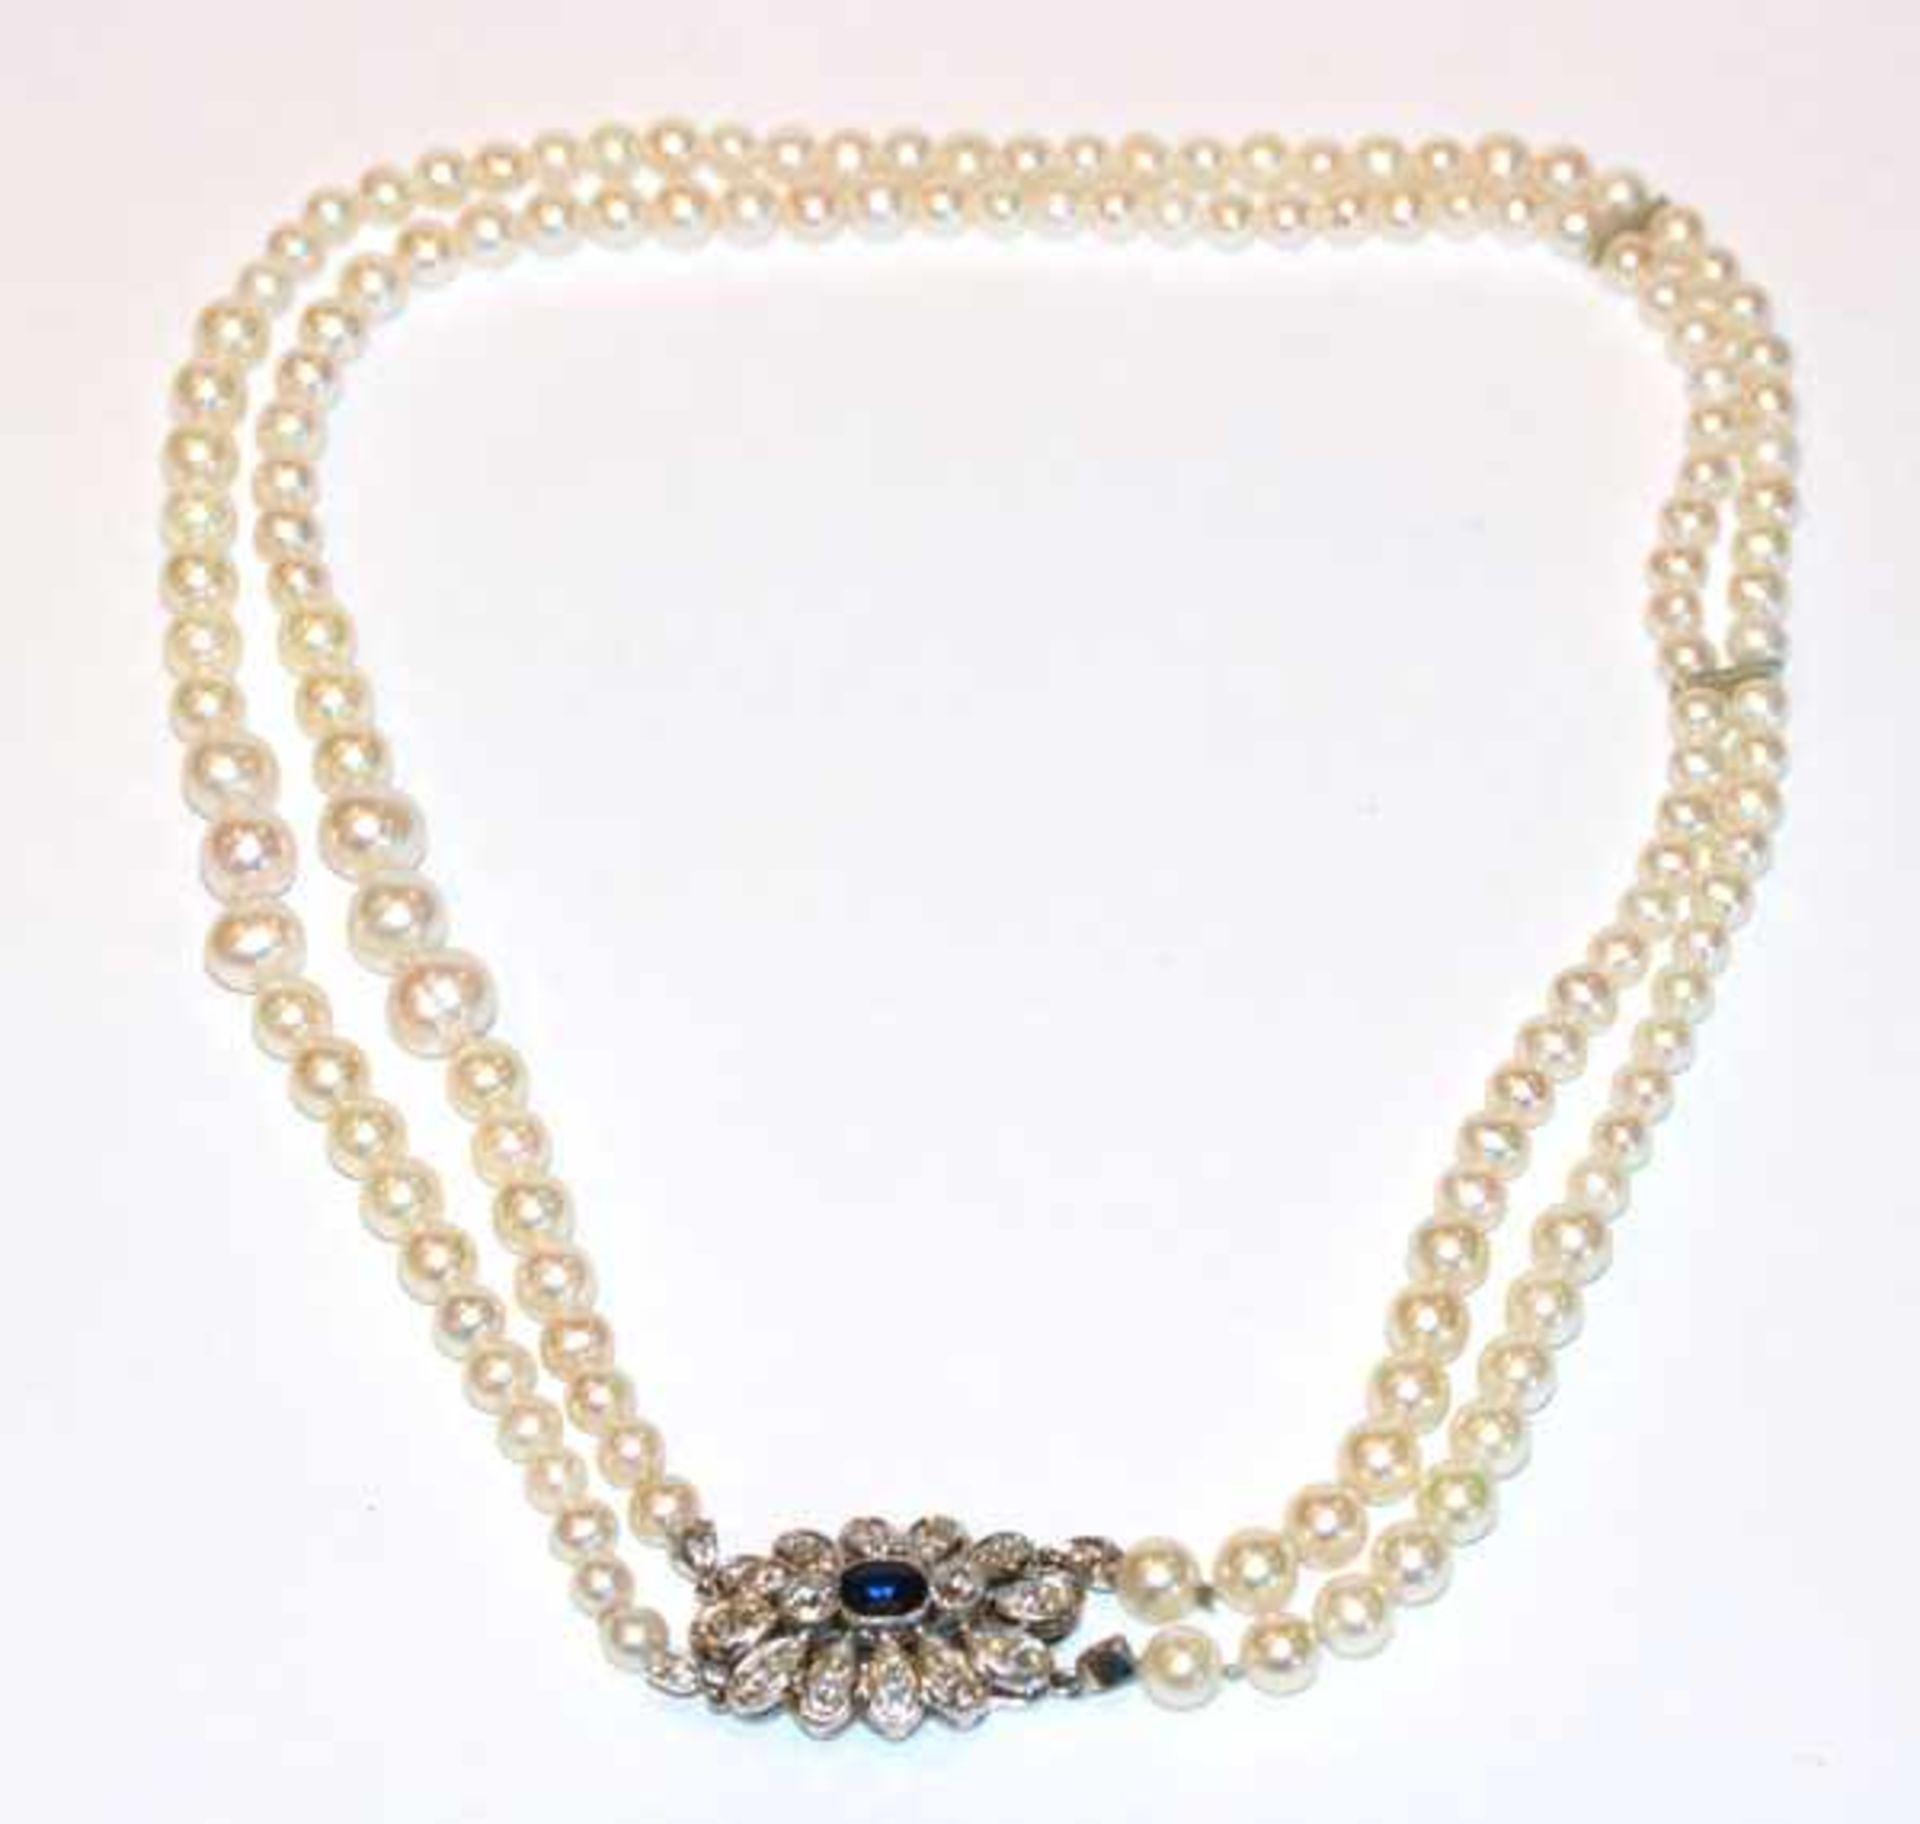 Los 97 - Perlencollier in Verlaufform, 2-reihig, 14 k Weißgold Schließe mit Safir und ca. 2 ct. Diamanten,